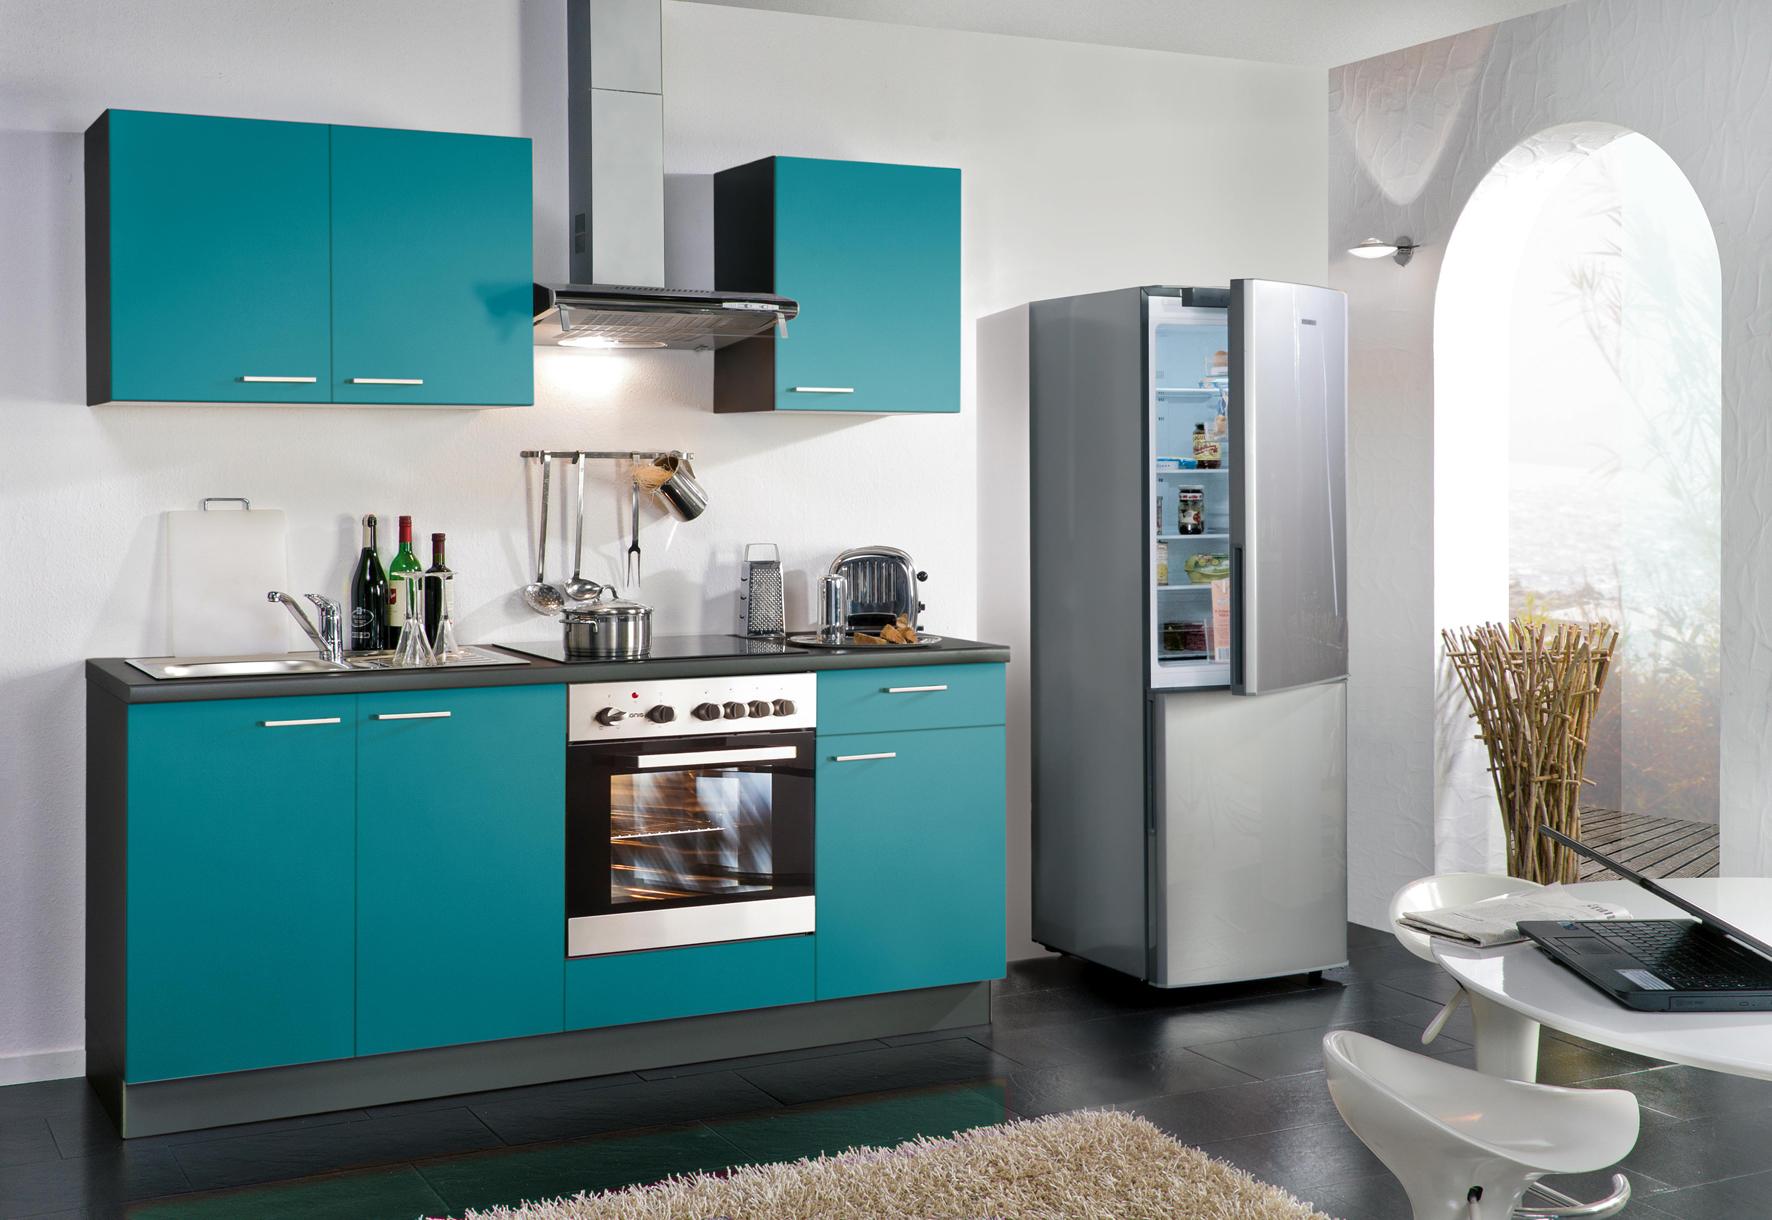 Kuhinja WIN EX200IC100 s uključenim Ignis aparatima  6.499 kn